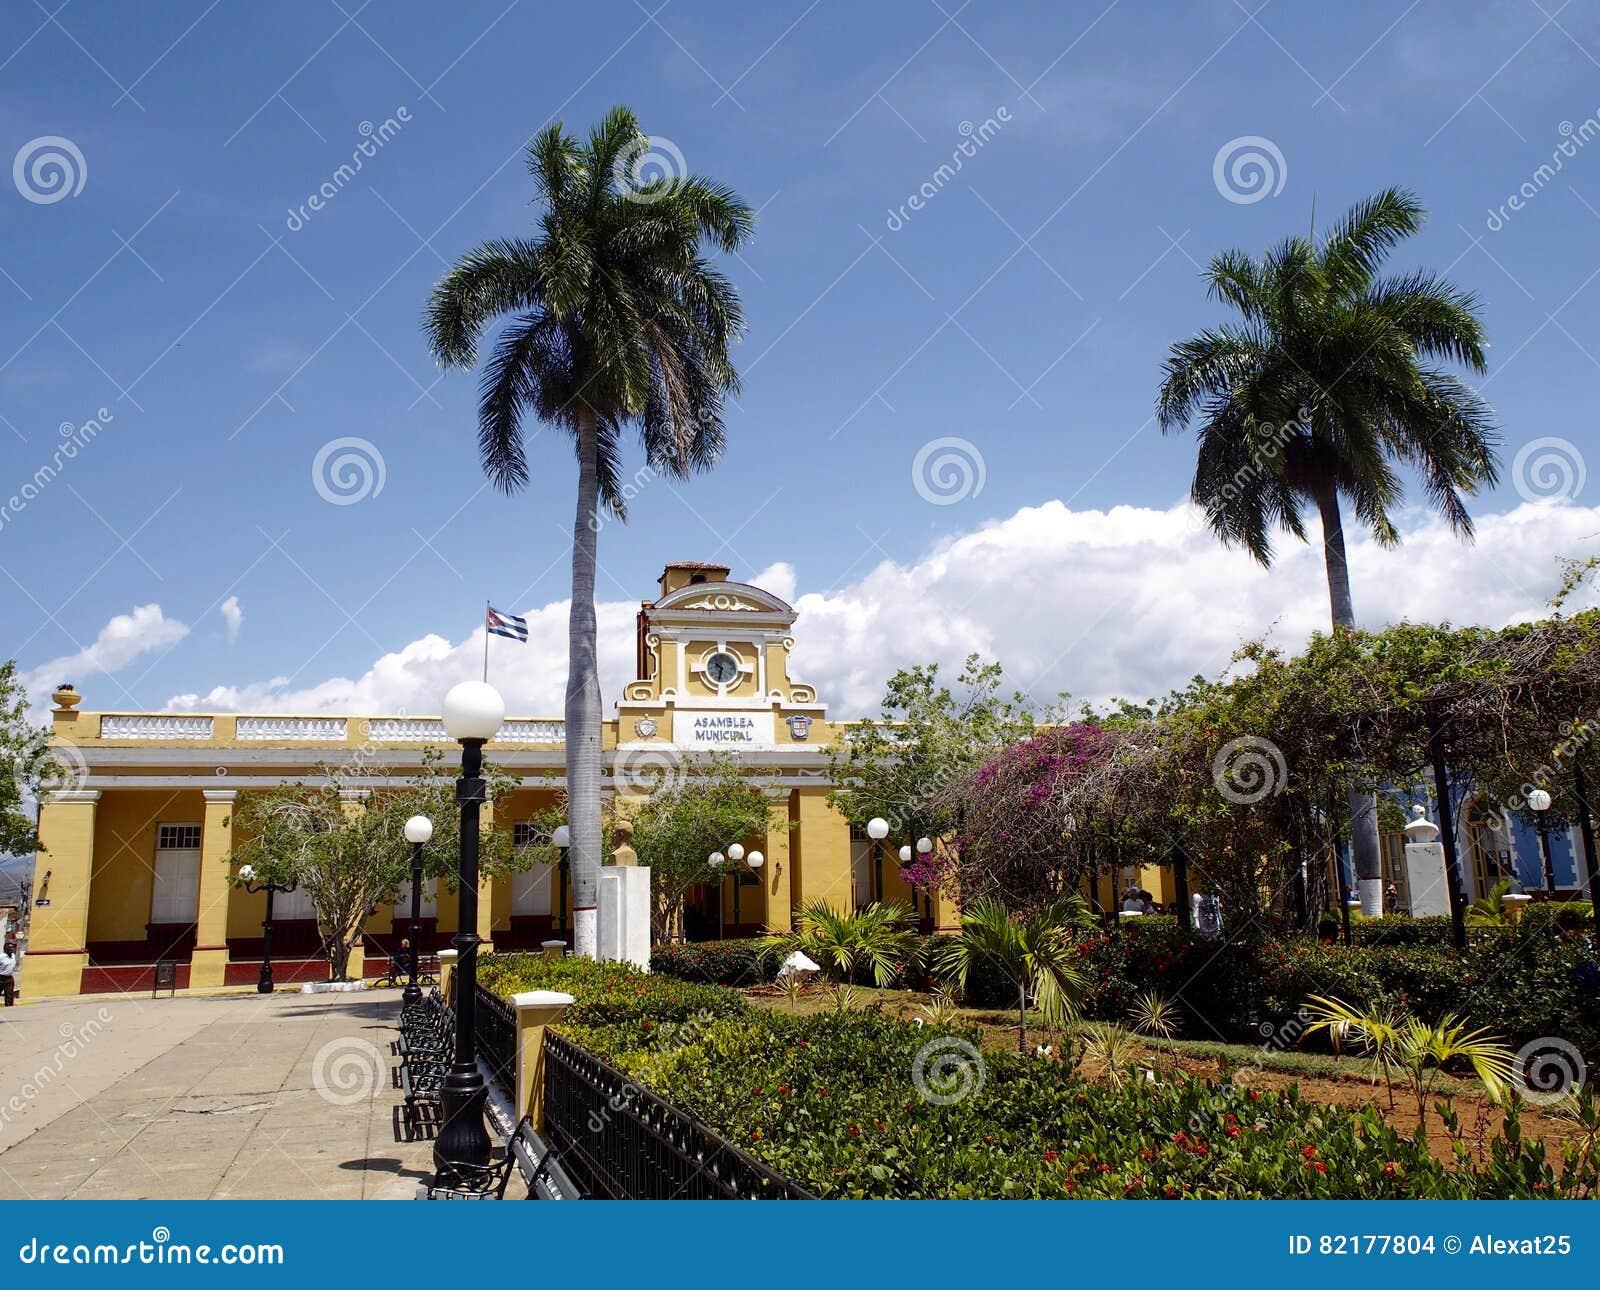 Cespedes Central Park i Trinidad